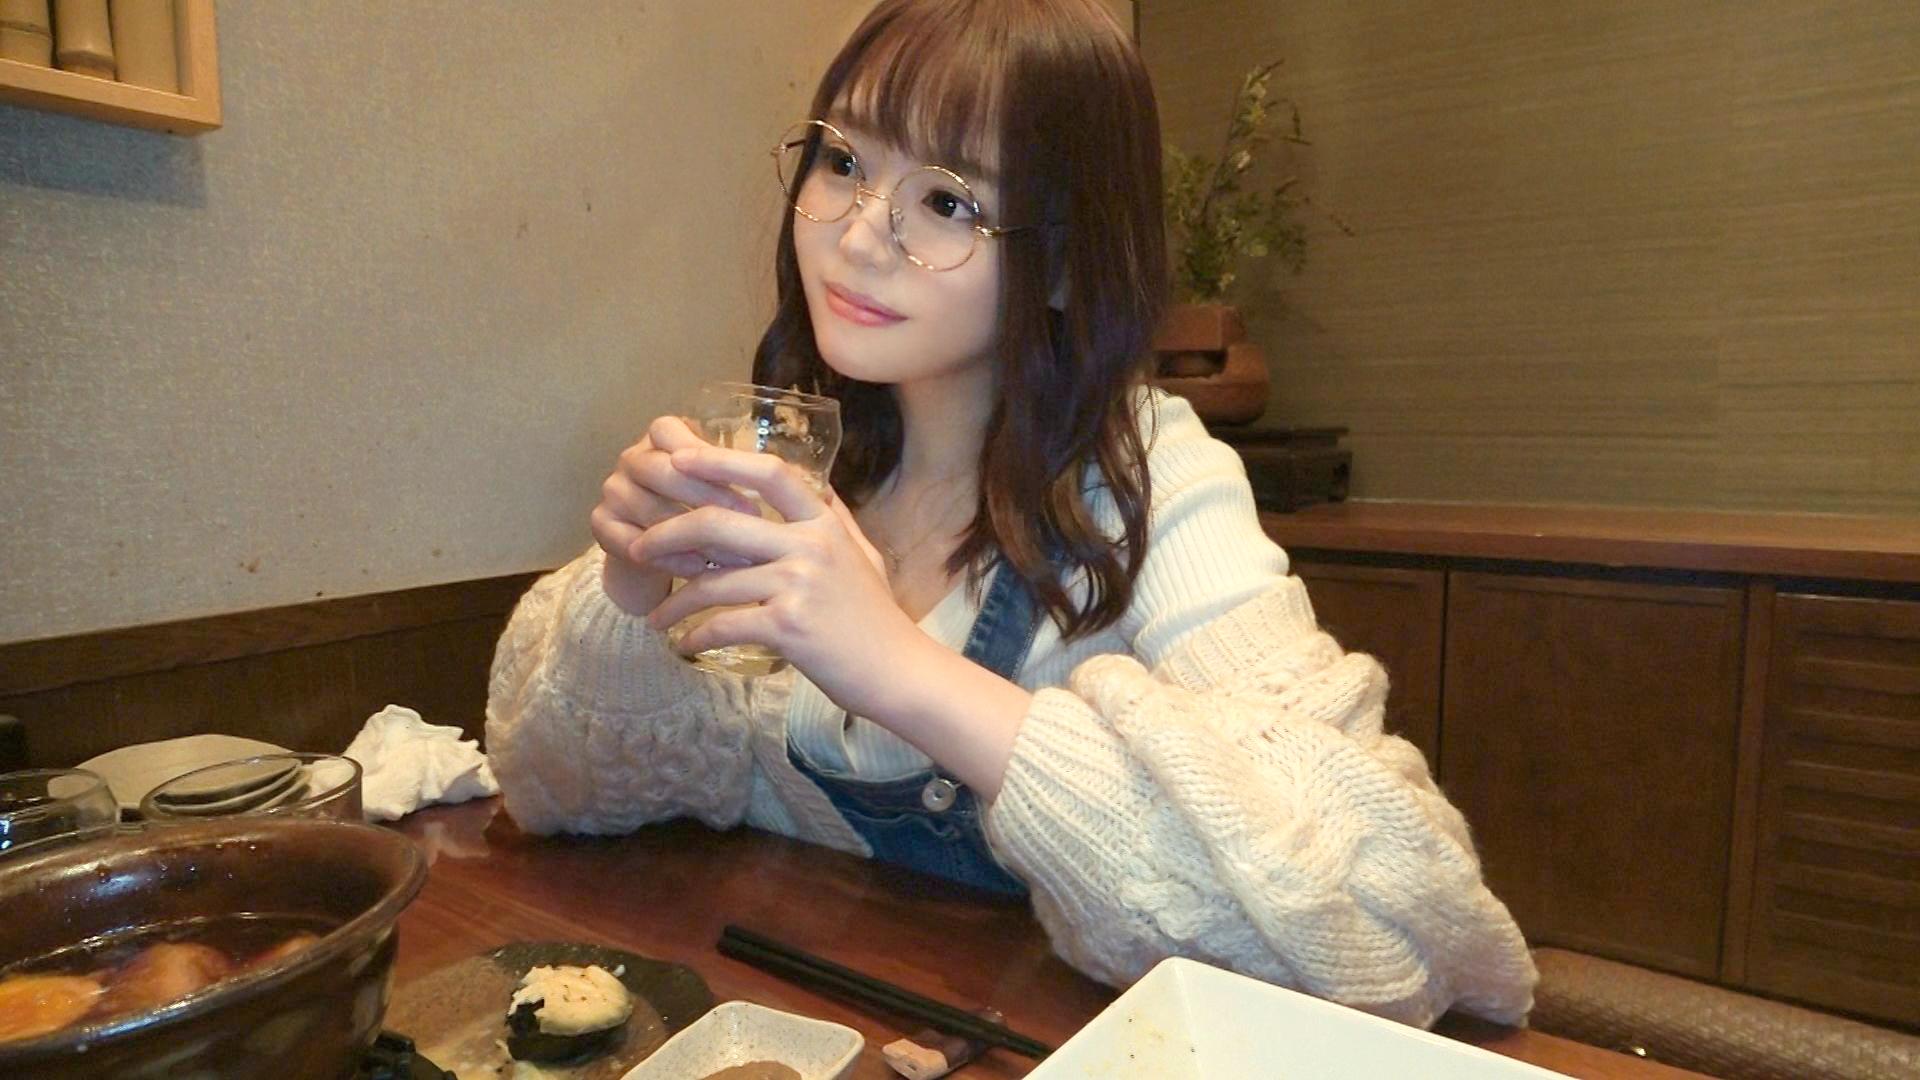 「MGS独占セール10/18まで!!」ハメ撮りに挑戦したS級素人娘さんの映像。・2枚目